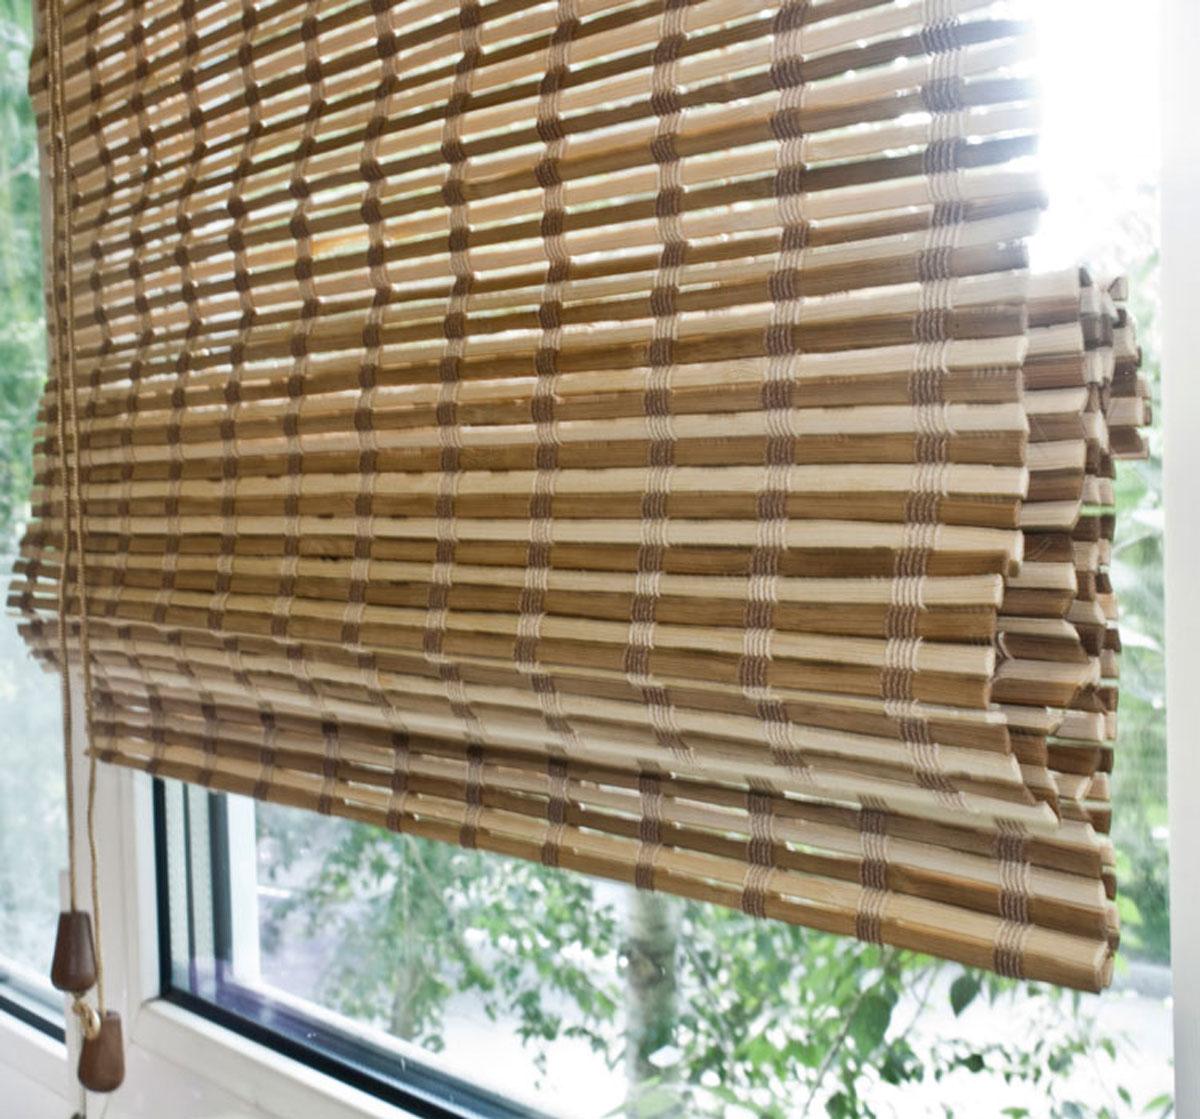 Римская штора Эскар, бамбуковая, цвет: коричневый, бежевый, ширина 80 см, высота 160 см1009160Римская штора Эскар, выполненная из натурального бамбука, является оригинальным современным аксессуаром для создания необычного интерьера в восточном или минималистичном стиле.Римская бамбуковая штора, как и тканевая римская штора, при поднятии образует крупные складки, которые прекрасно декорируют окно. Особенность устройства полотна позволяет свободно пропускать дневной свет, что обеспечивает мягкое освещение комнаты. Римская штора из натурального влагоустойчивого материала легко вписывается в любой интерьер, хорошо сочетается с различной мебелью и элементами отделки. Использование бамбукового полотна придает помещению необычный вид и визуально расширяет пространство. Бамбуковые шторы требуют только сухого ухода: пылесосом, щеткой, веником или влажной (но не мокрой!) губкой. Комплект для монтажа прилагается.